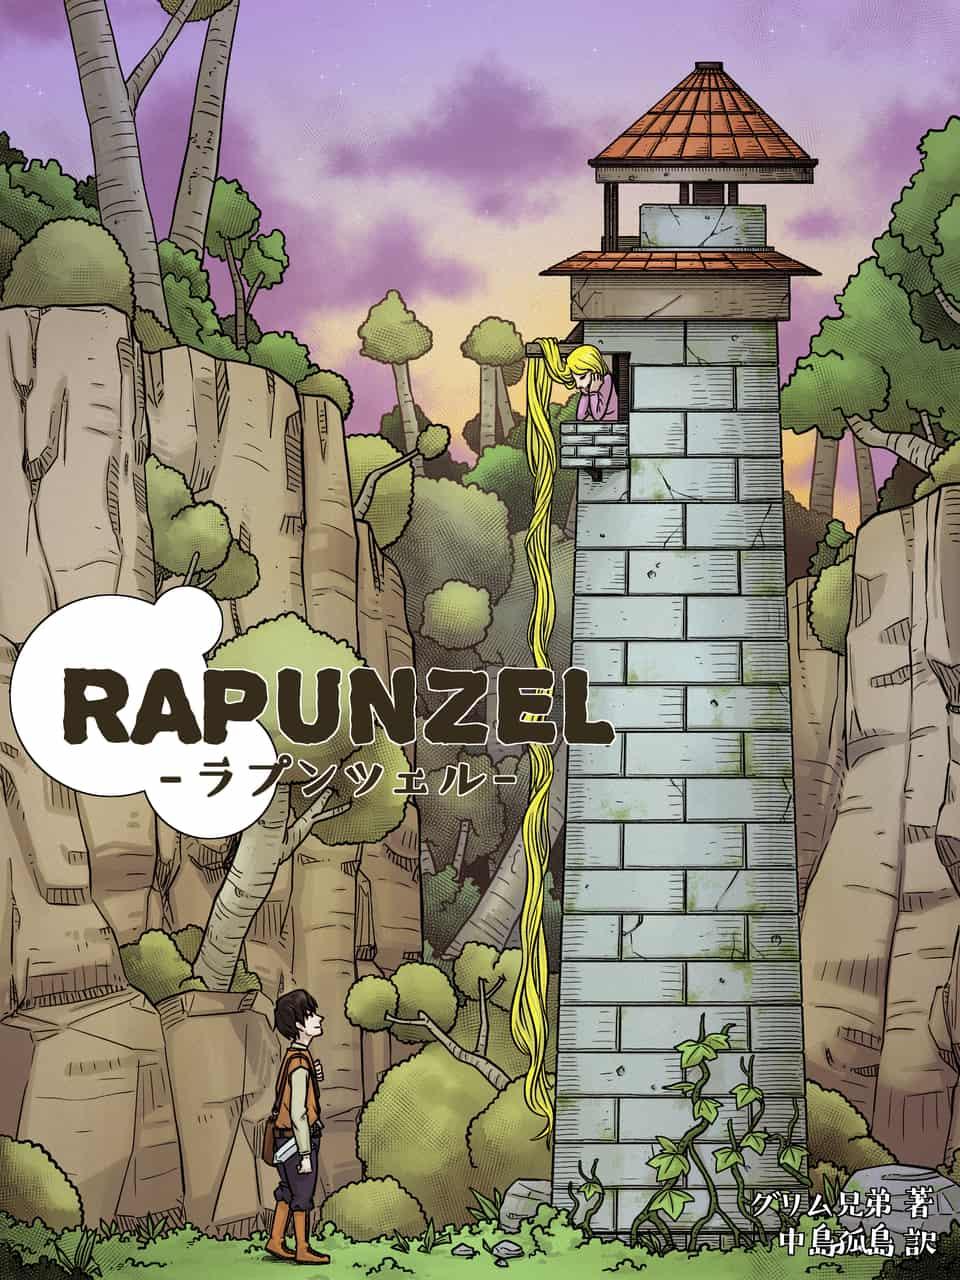 치웅/Rapunzel